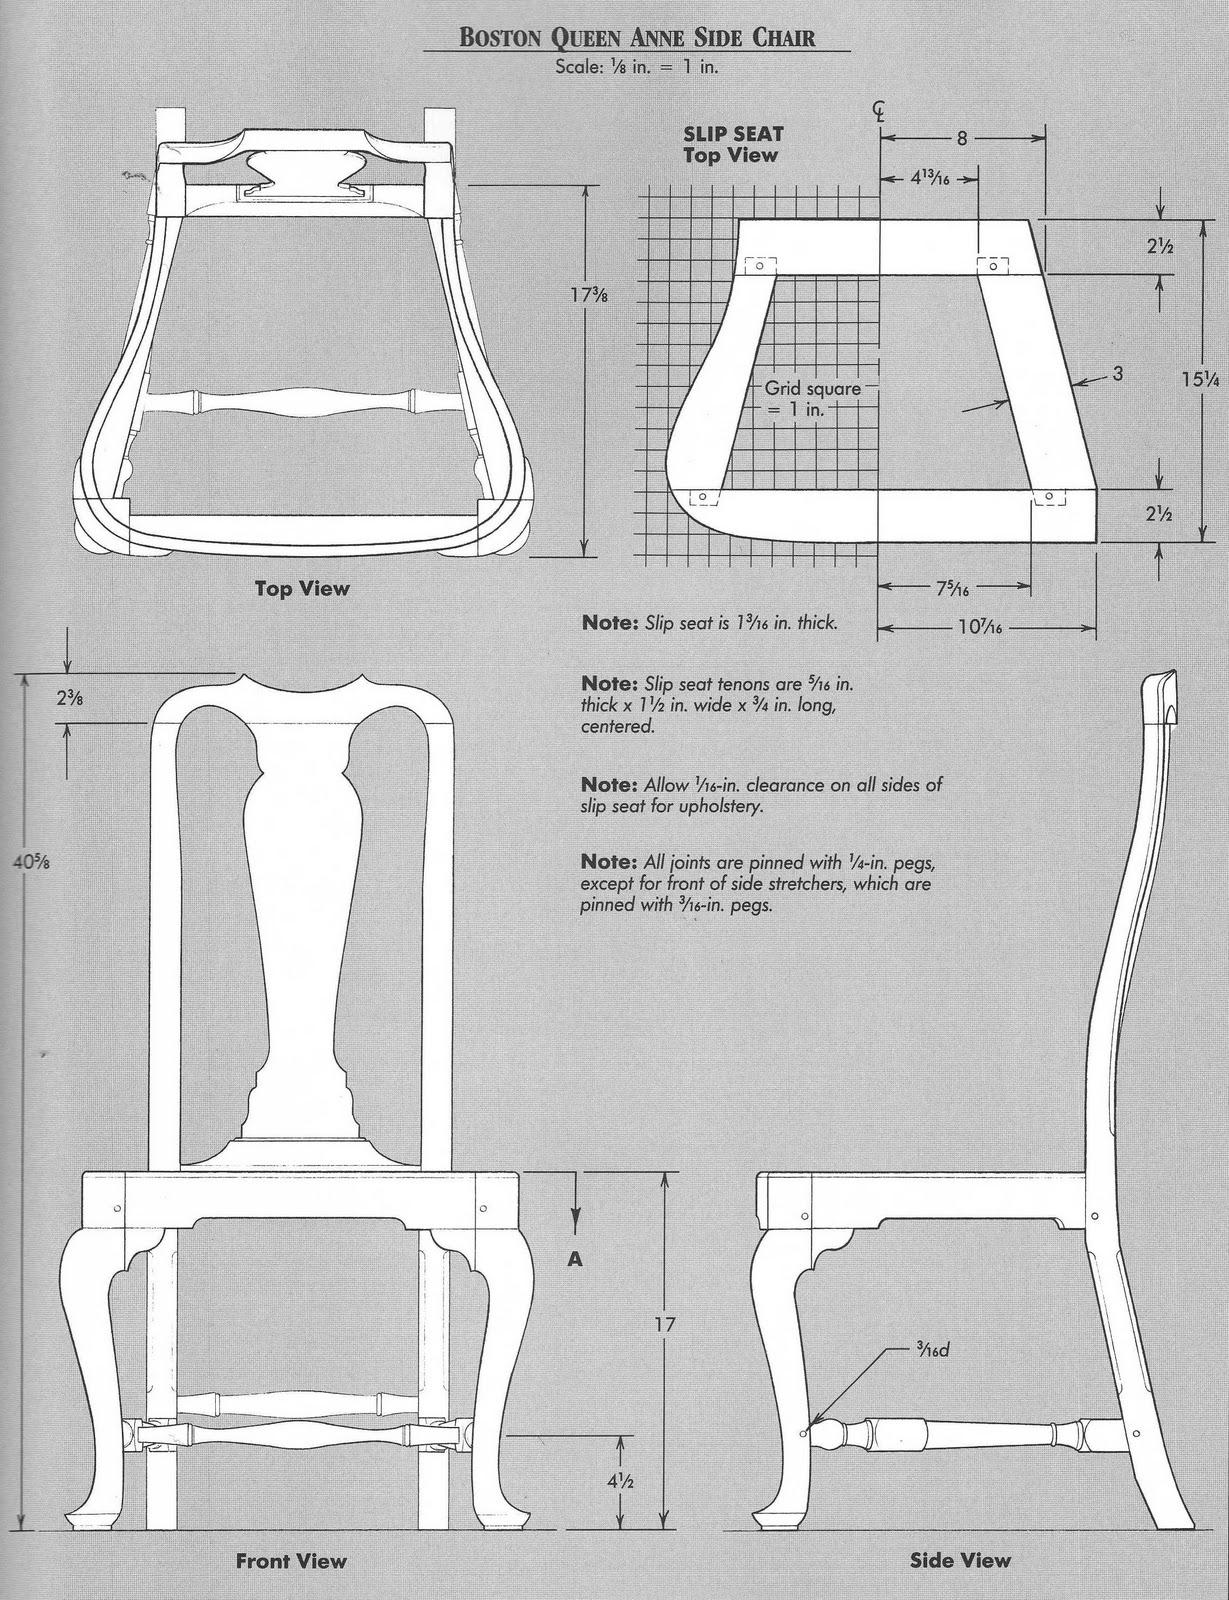 Elga s Miniatures Queen Anne Chair Cabriole legs Jig making